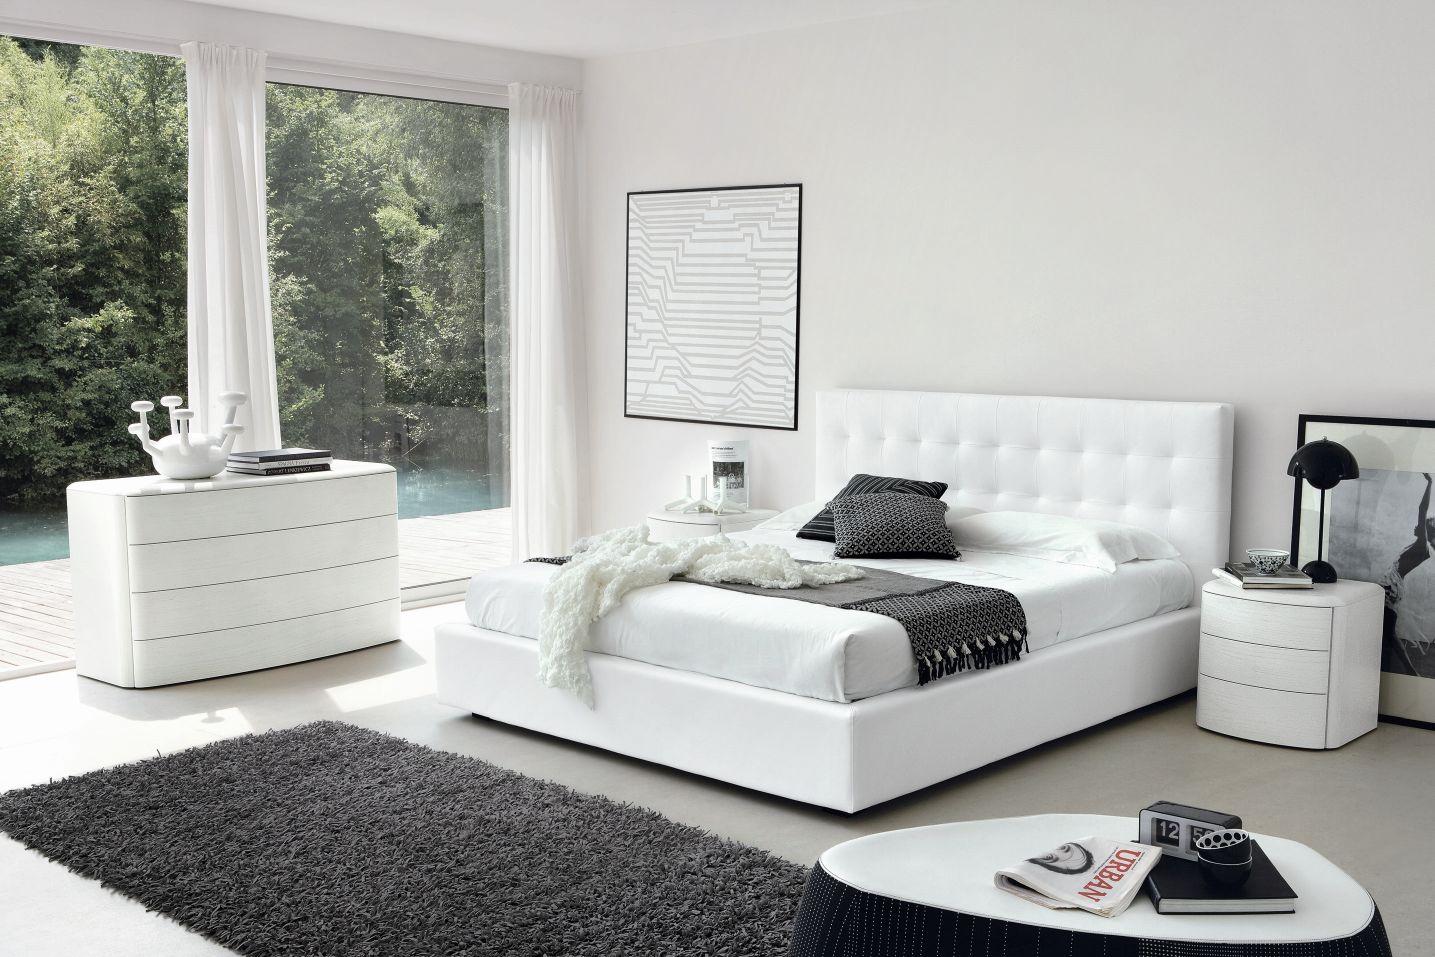 obr.1_go-modern-furniture_sma-live-upholstered-bed.jpg